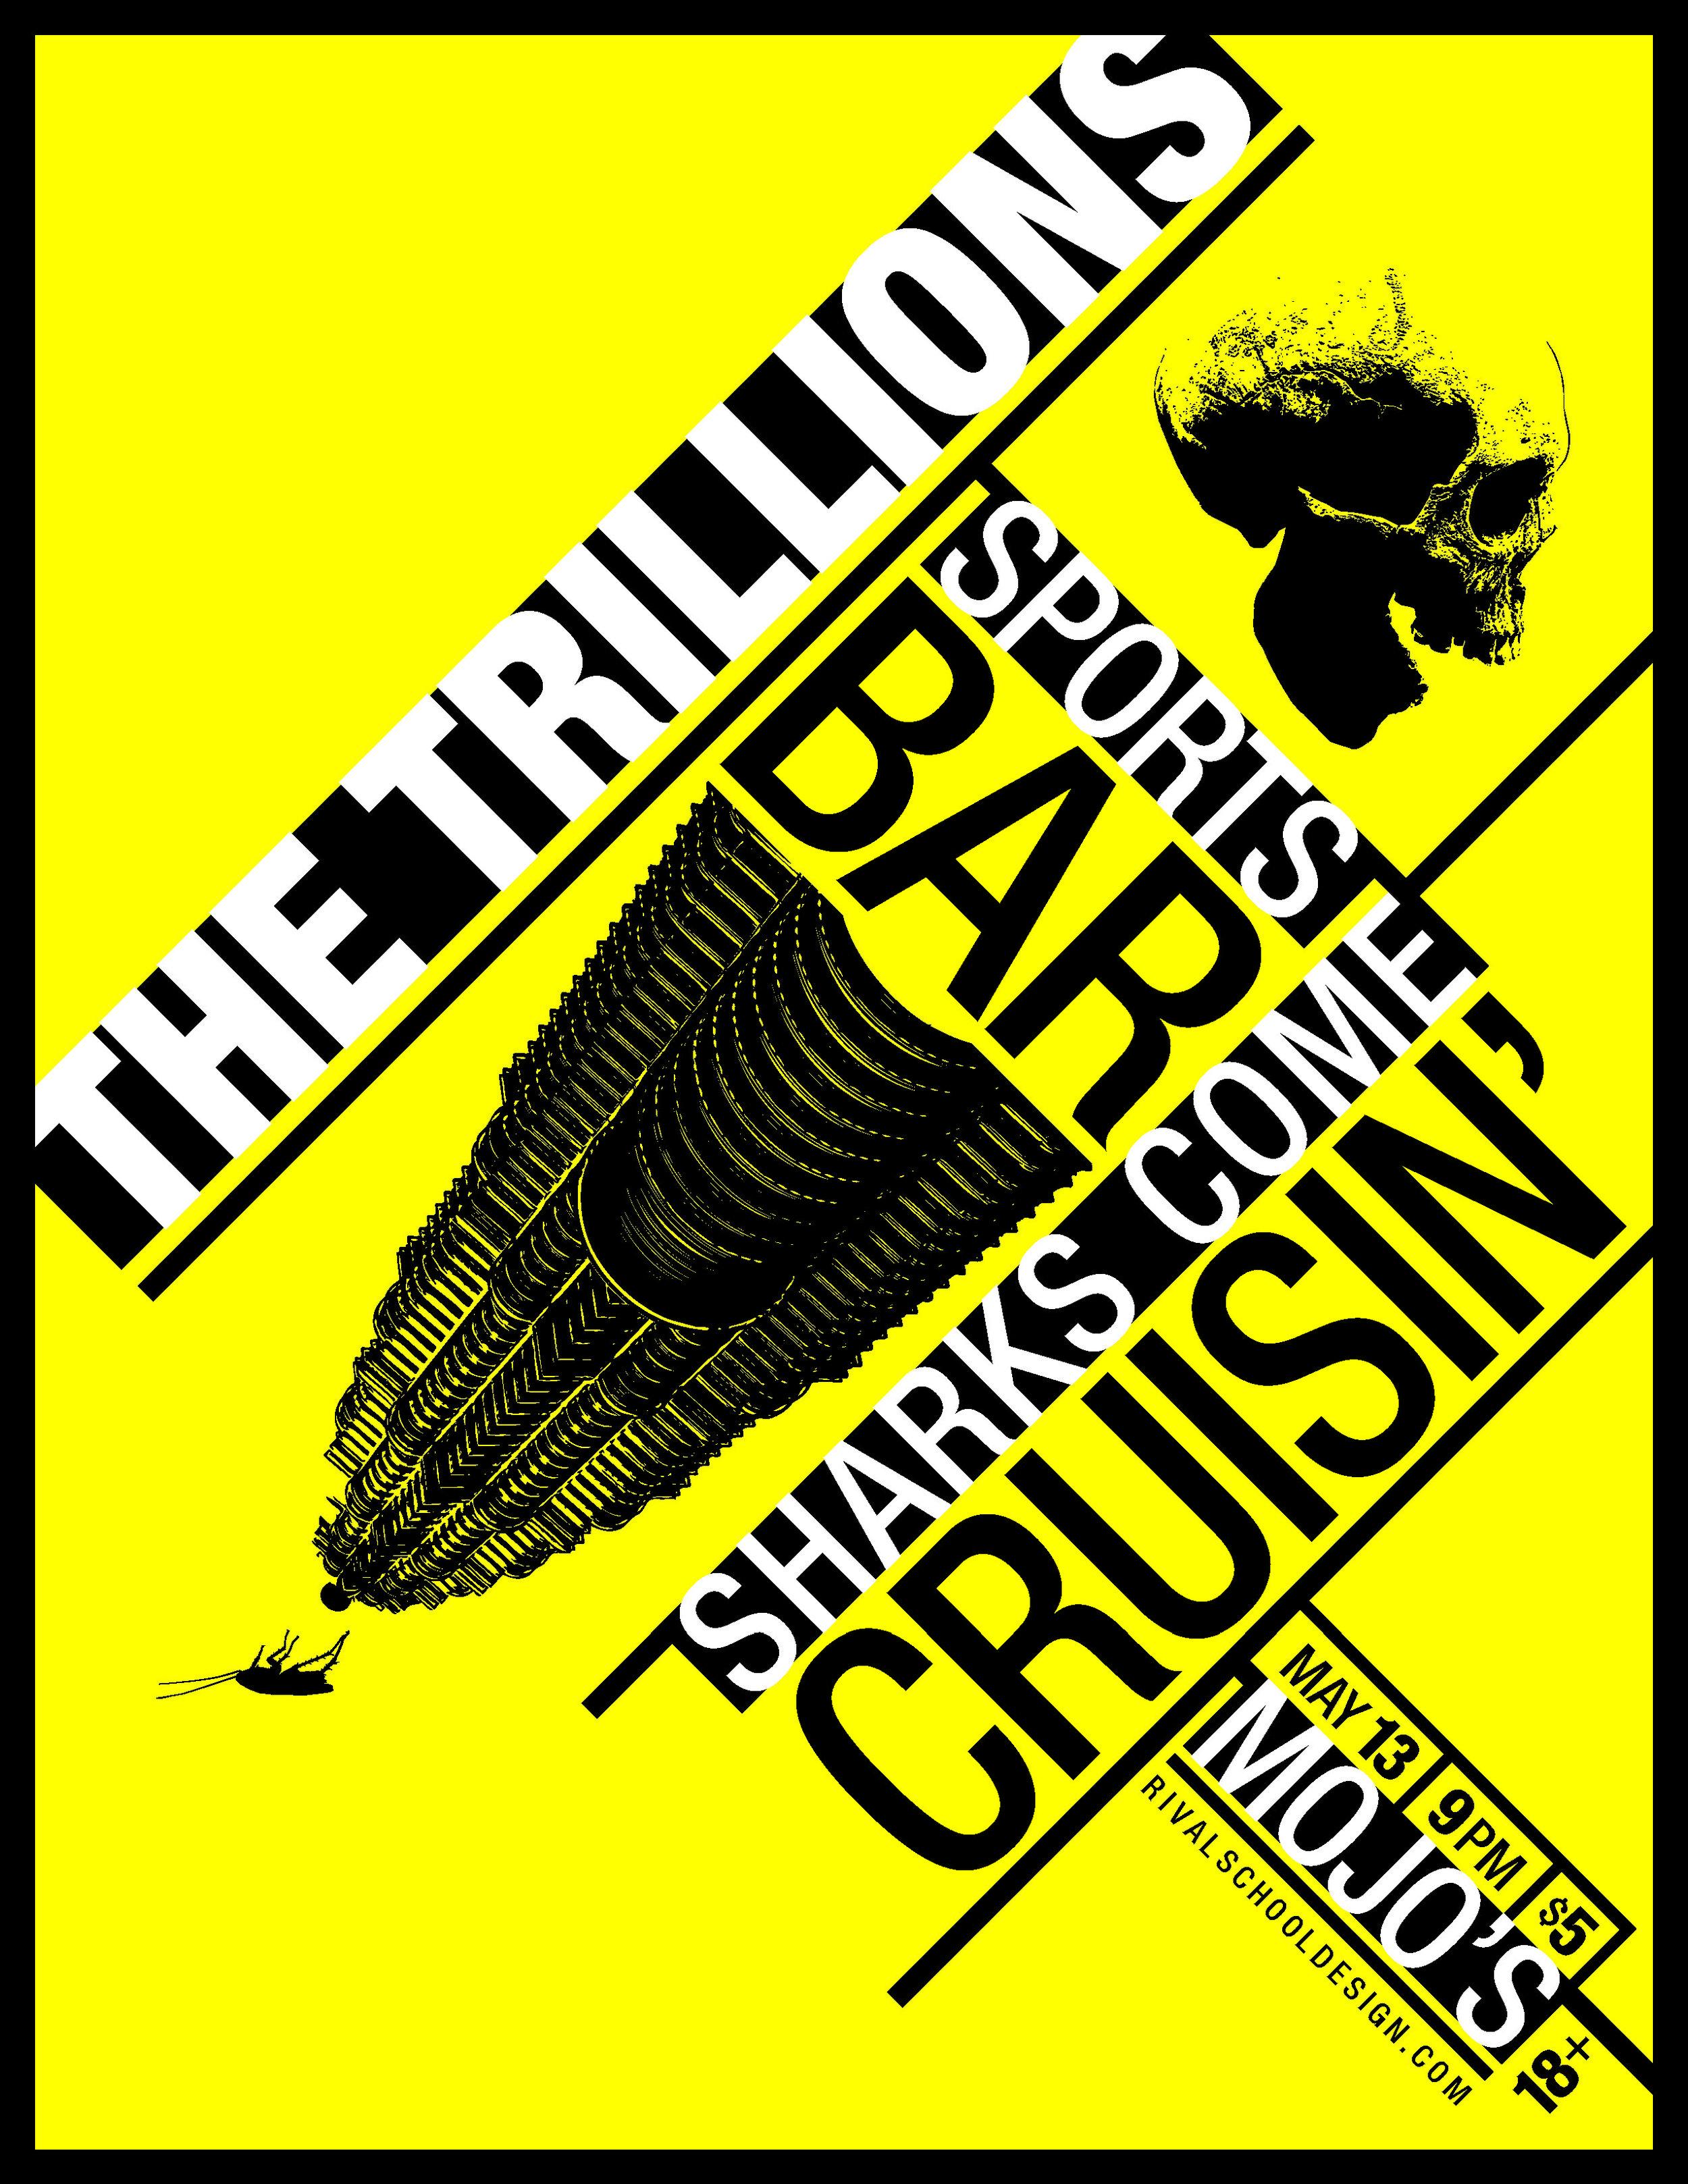 The Trillions - Mojo Show Poster - Y&B.jpg